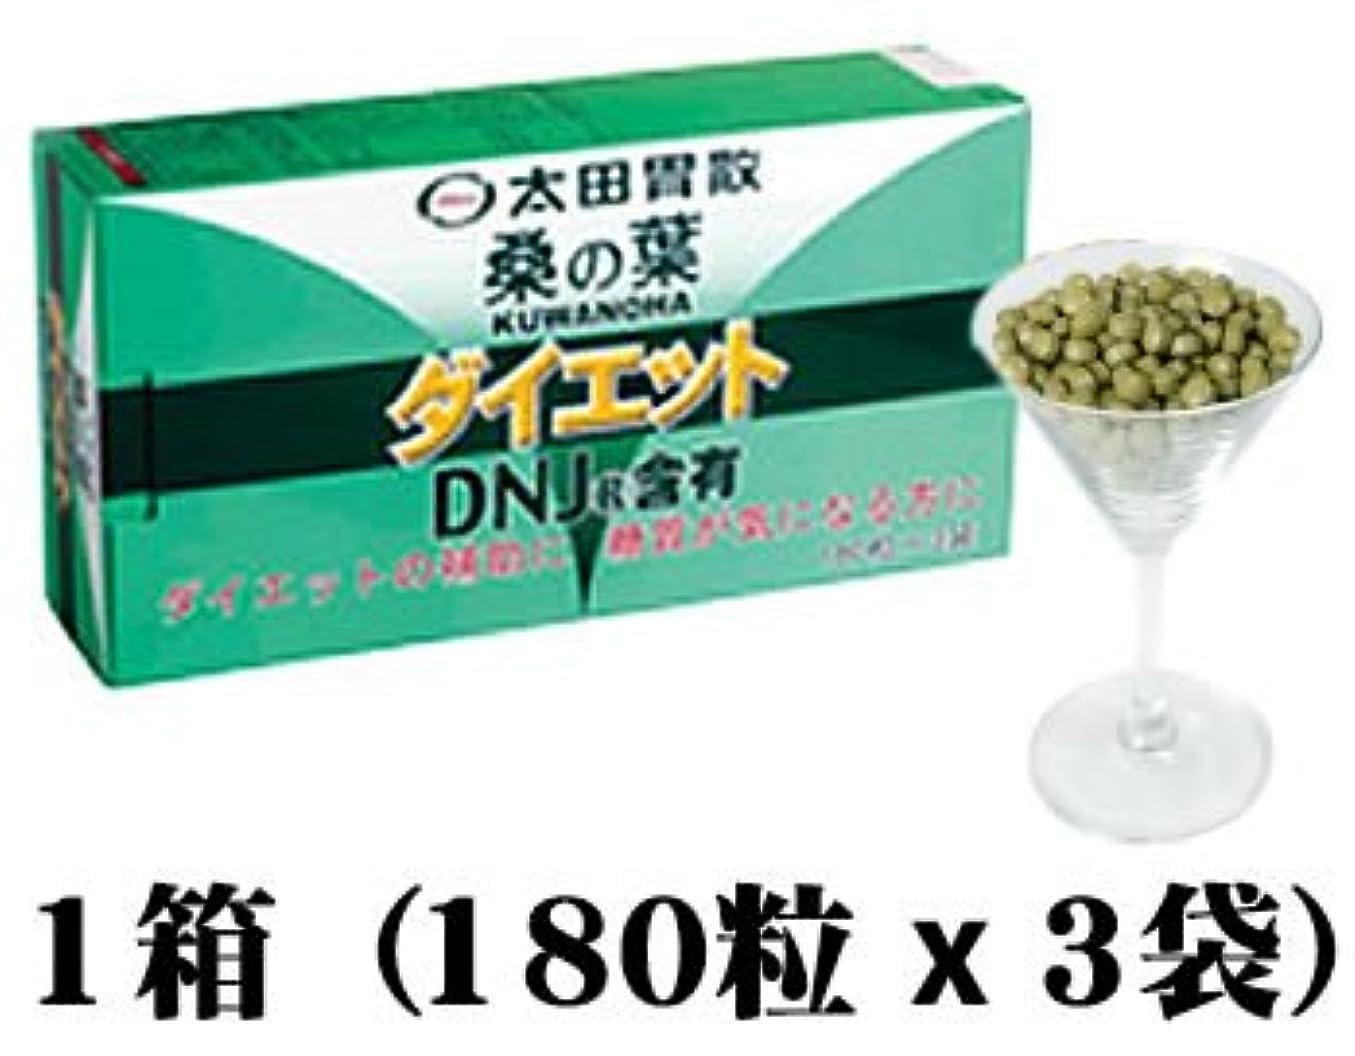 鏡ケーブルギャラントリー太田胃散 桑の葉ダイエット詰替用(180粒×3袋入)